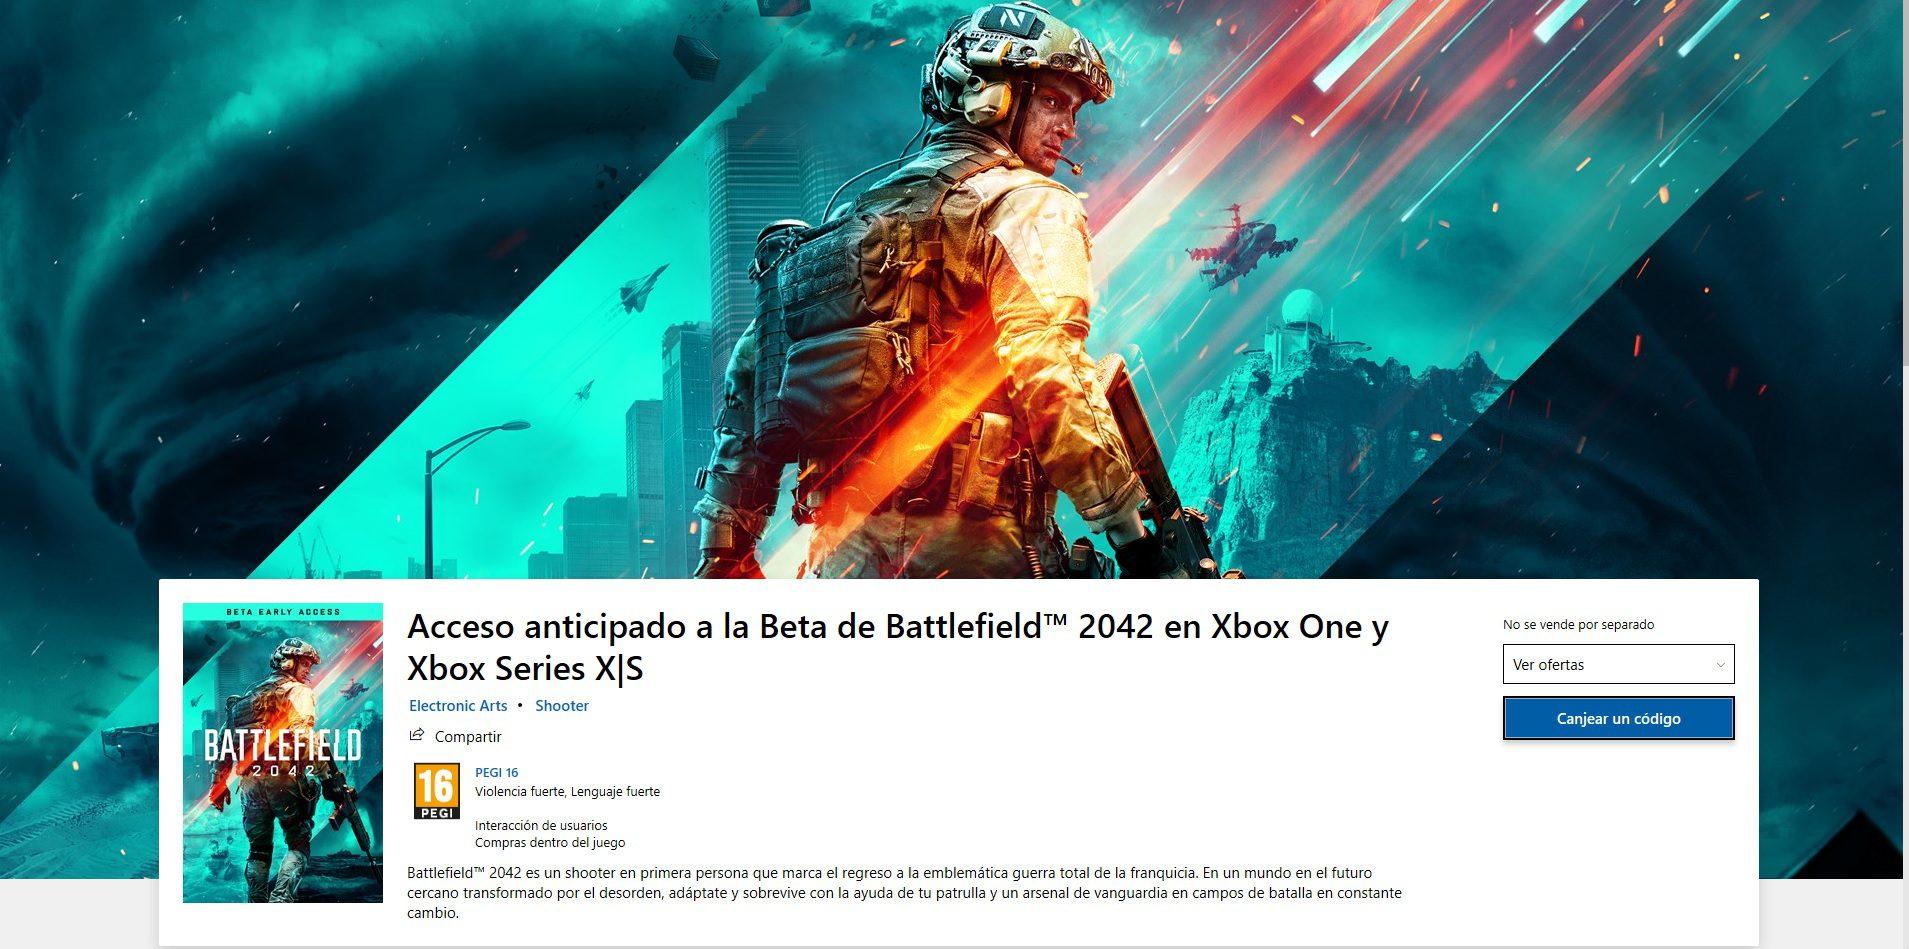 El acceso a la beta de Battlefield 2042 aparece en la Microsoft store - El acceso a la beta multijugador de Battlefield 2042 aparece repentinamente en la store oficial de Microsoft.